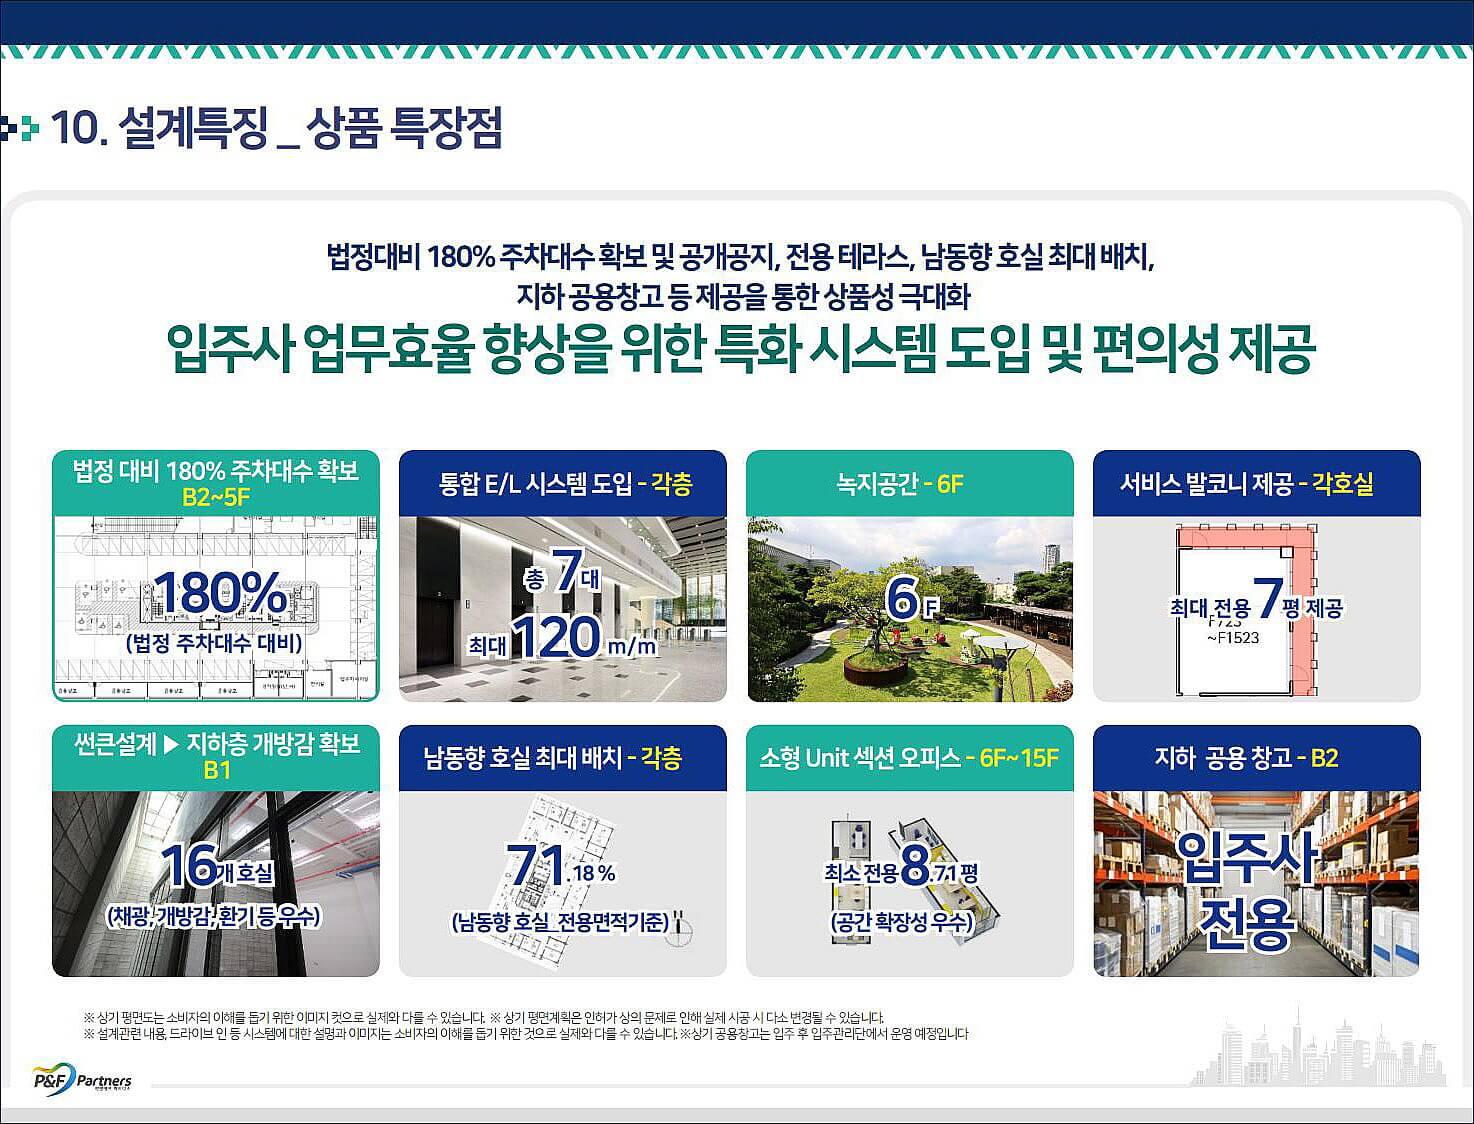 원흥 지식산업센터_특화설계5